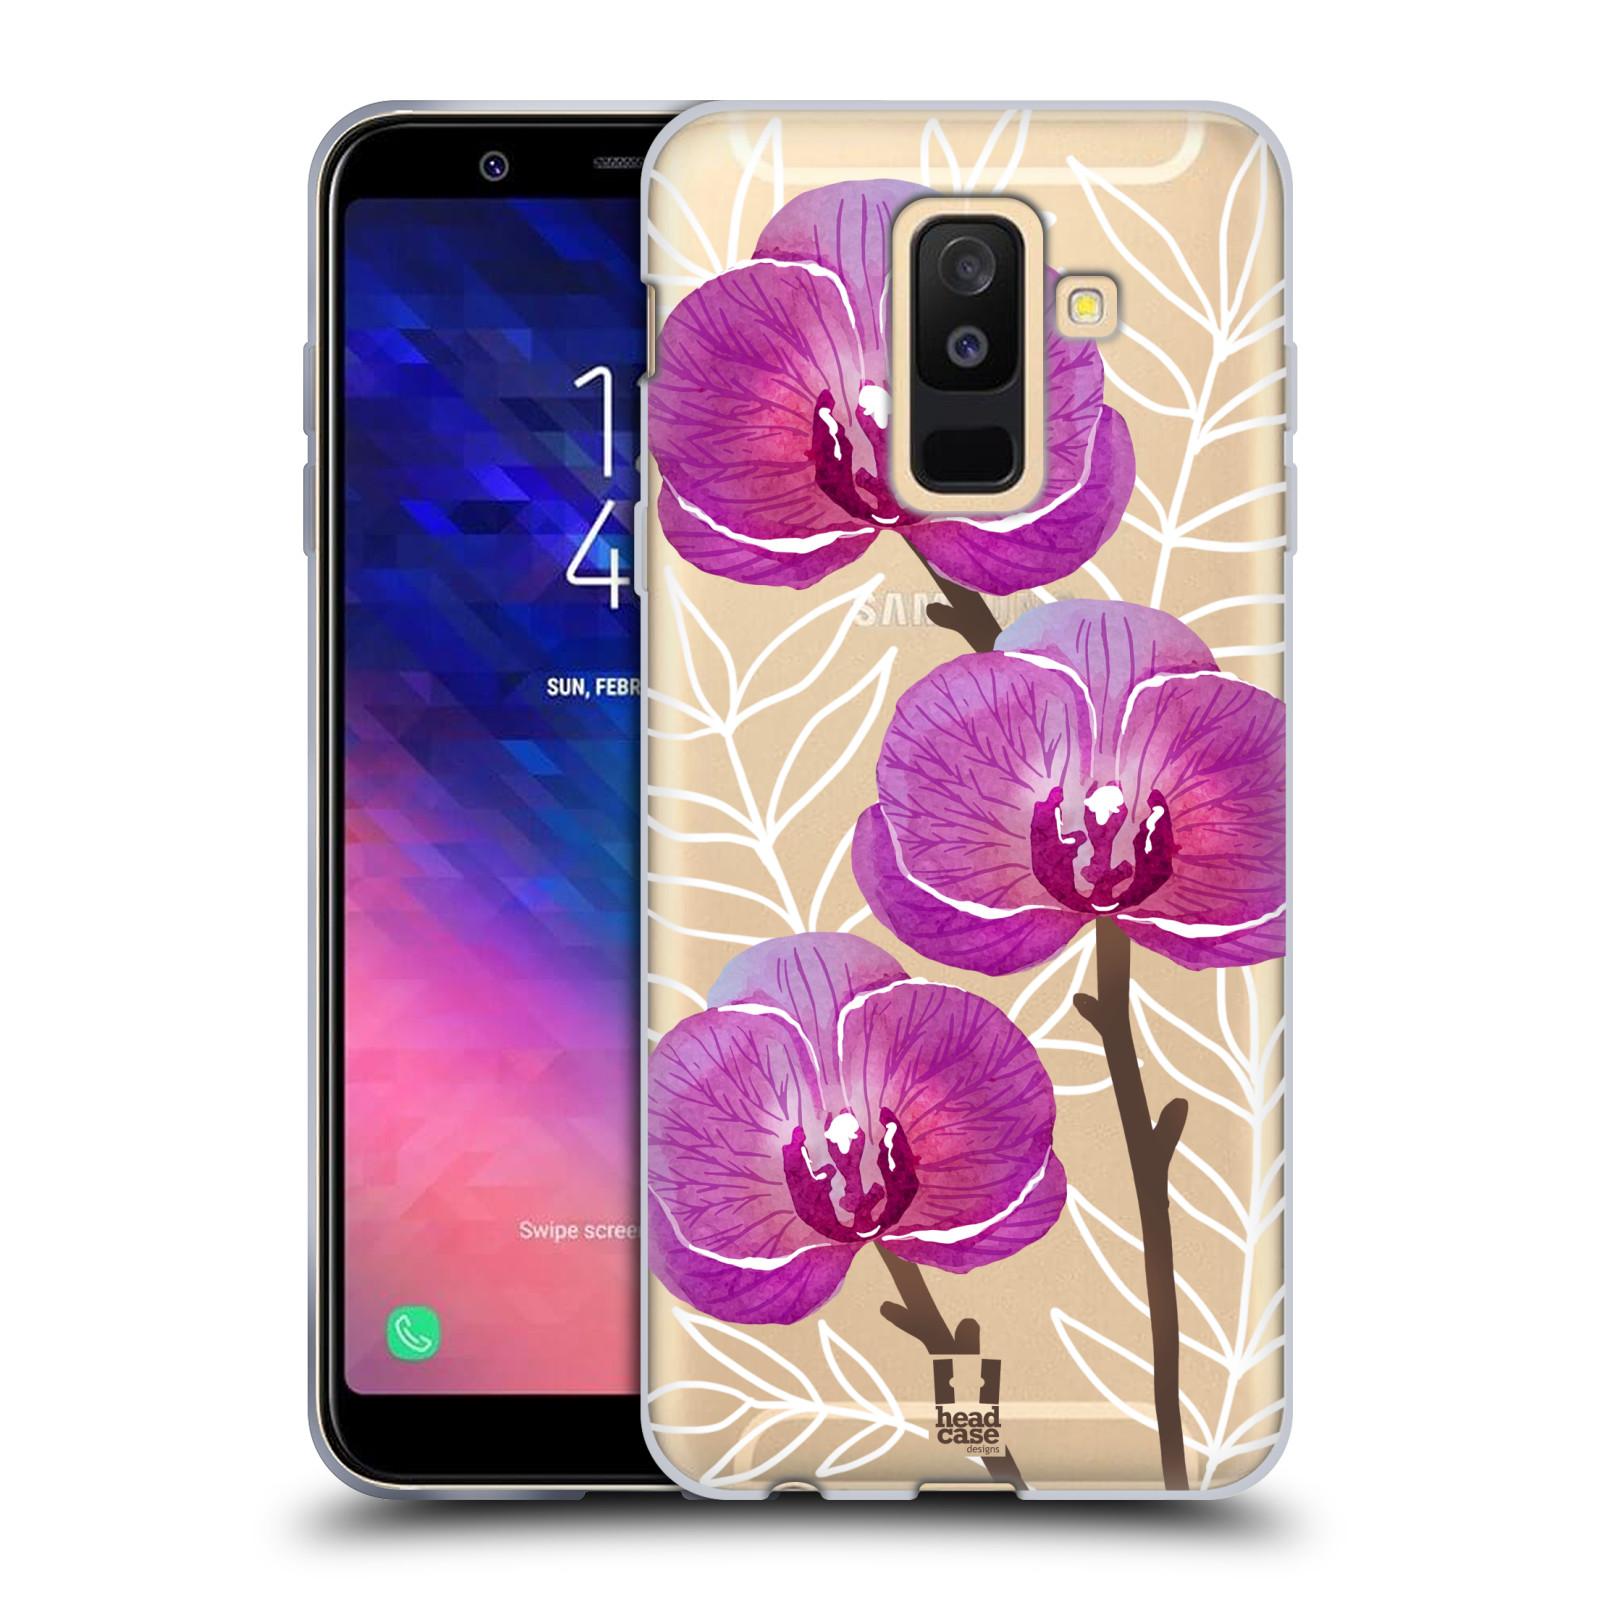 Silikonové pouzdro na mobil Samsung Galaxy A6 Plus (2018) - Head Case - Hezoučké kvítky - průhledné